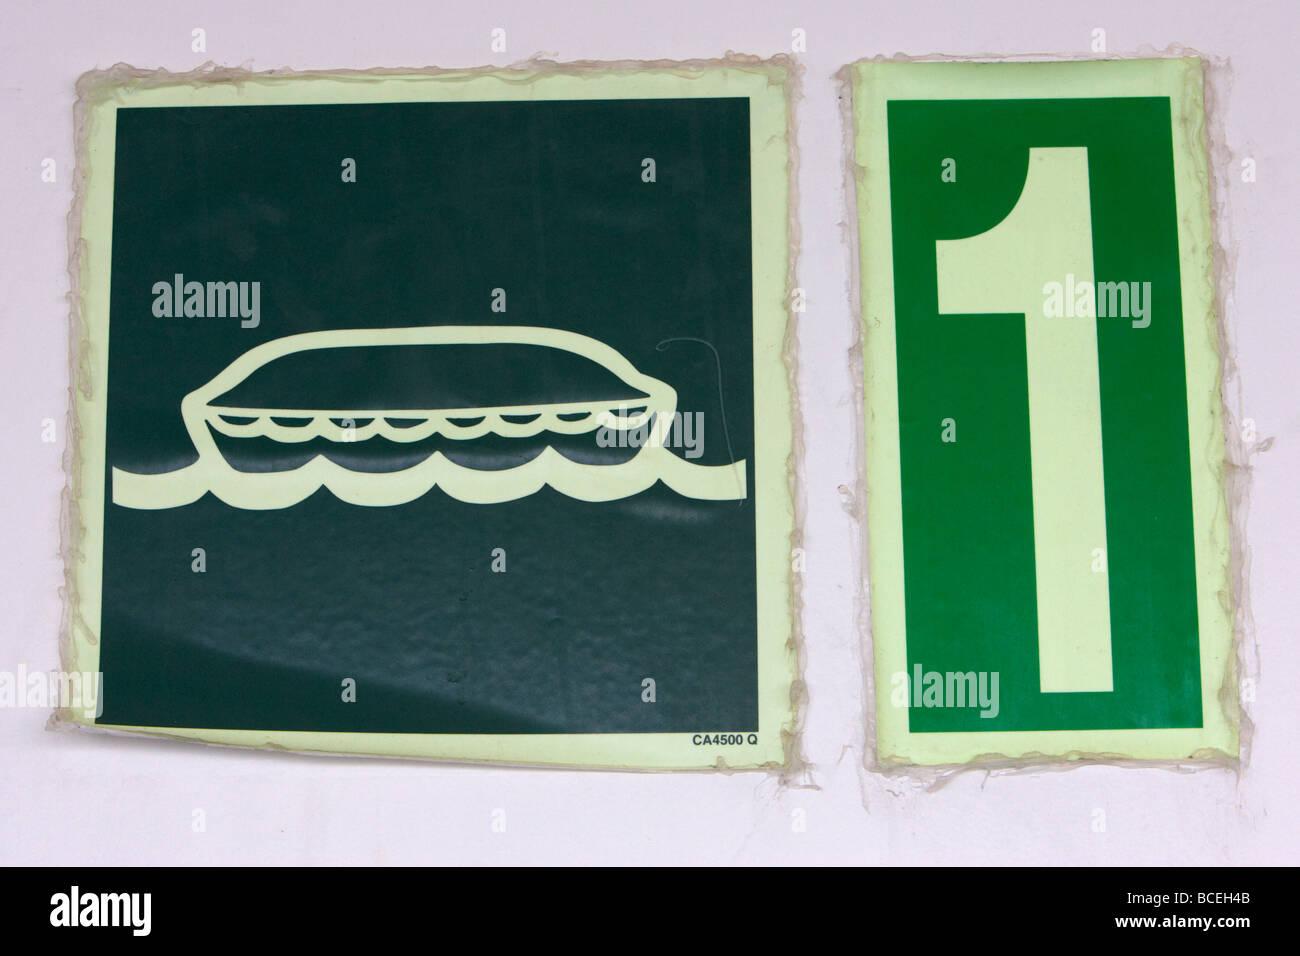 La estación de botes salvavidas luminoso signo número 1 a bordo de un transbordador de automóviles Imagen De Stock